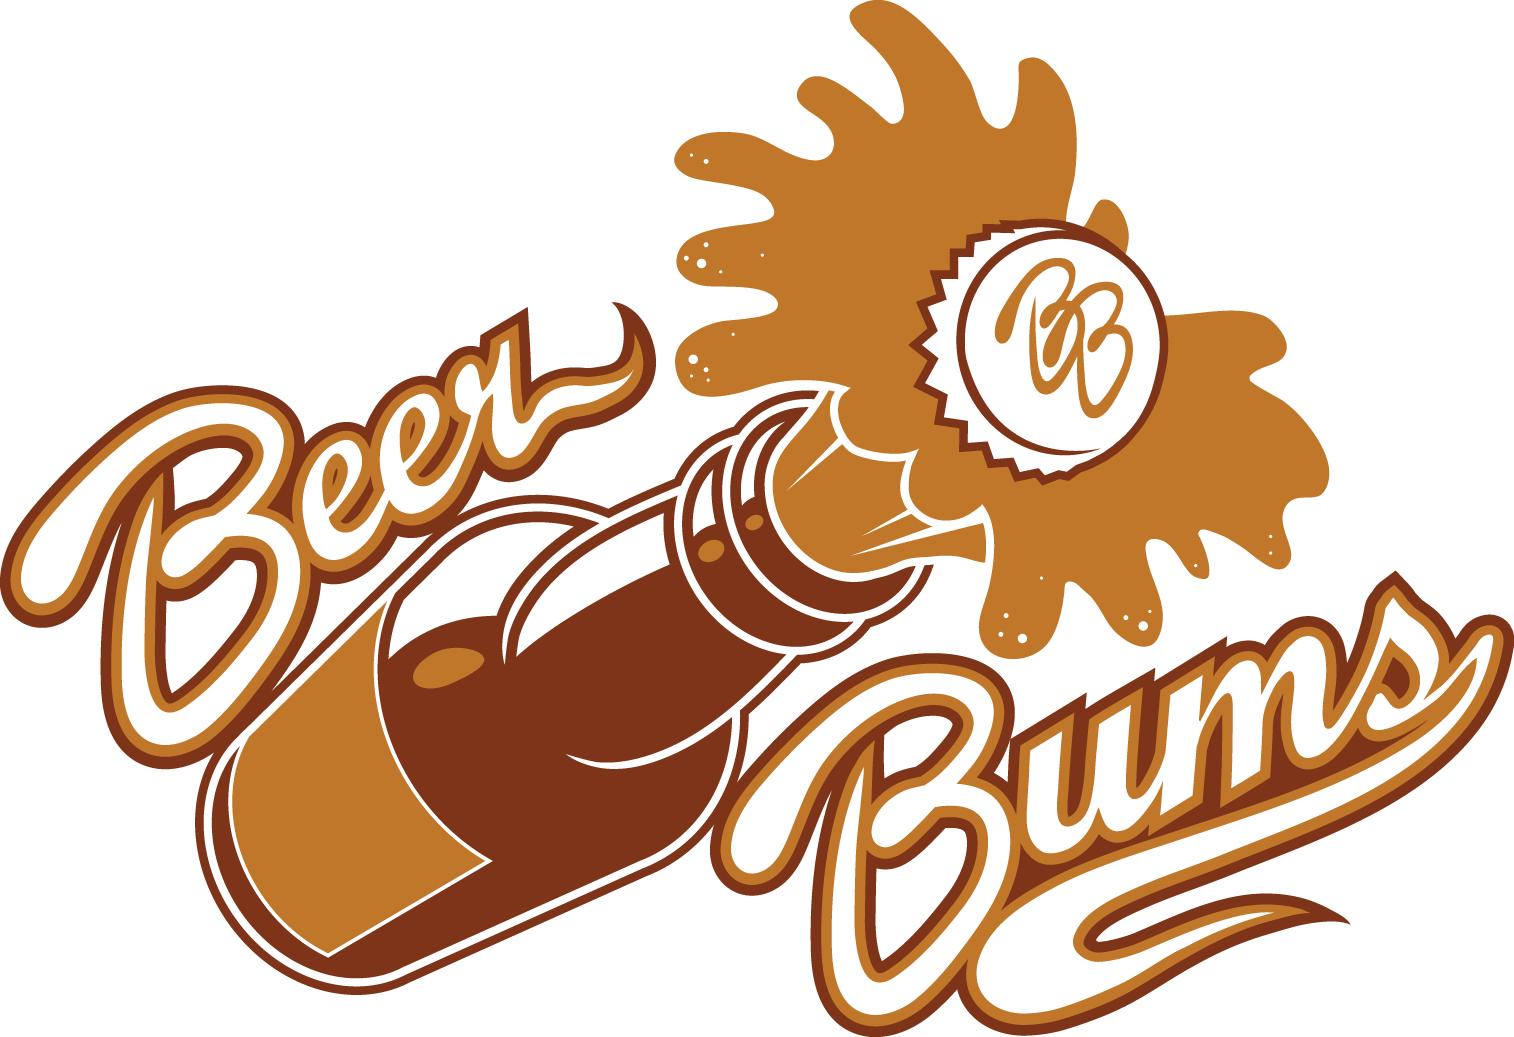 Logos Live Free or Die. Beer logo